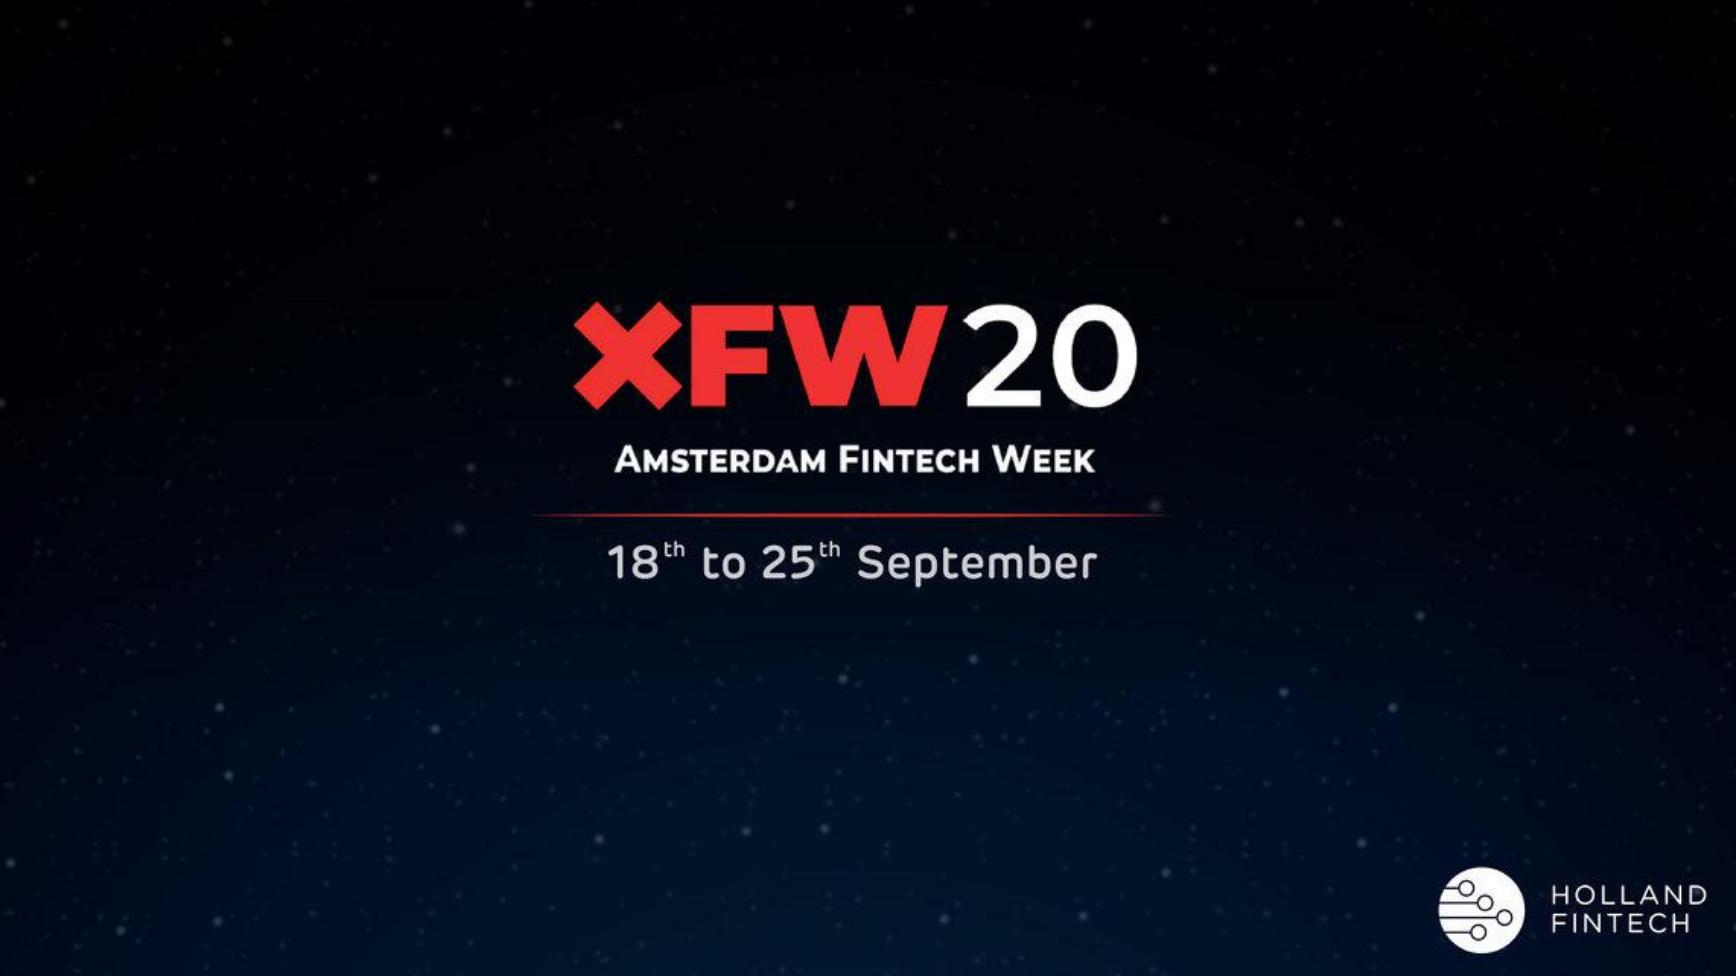 XFW20: Amsterdam Fintech Week